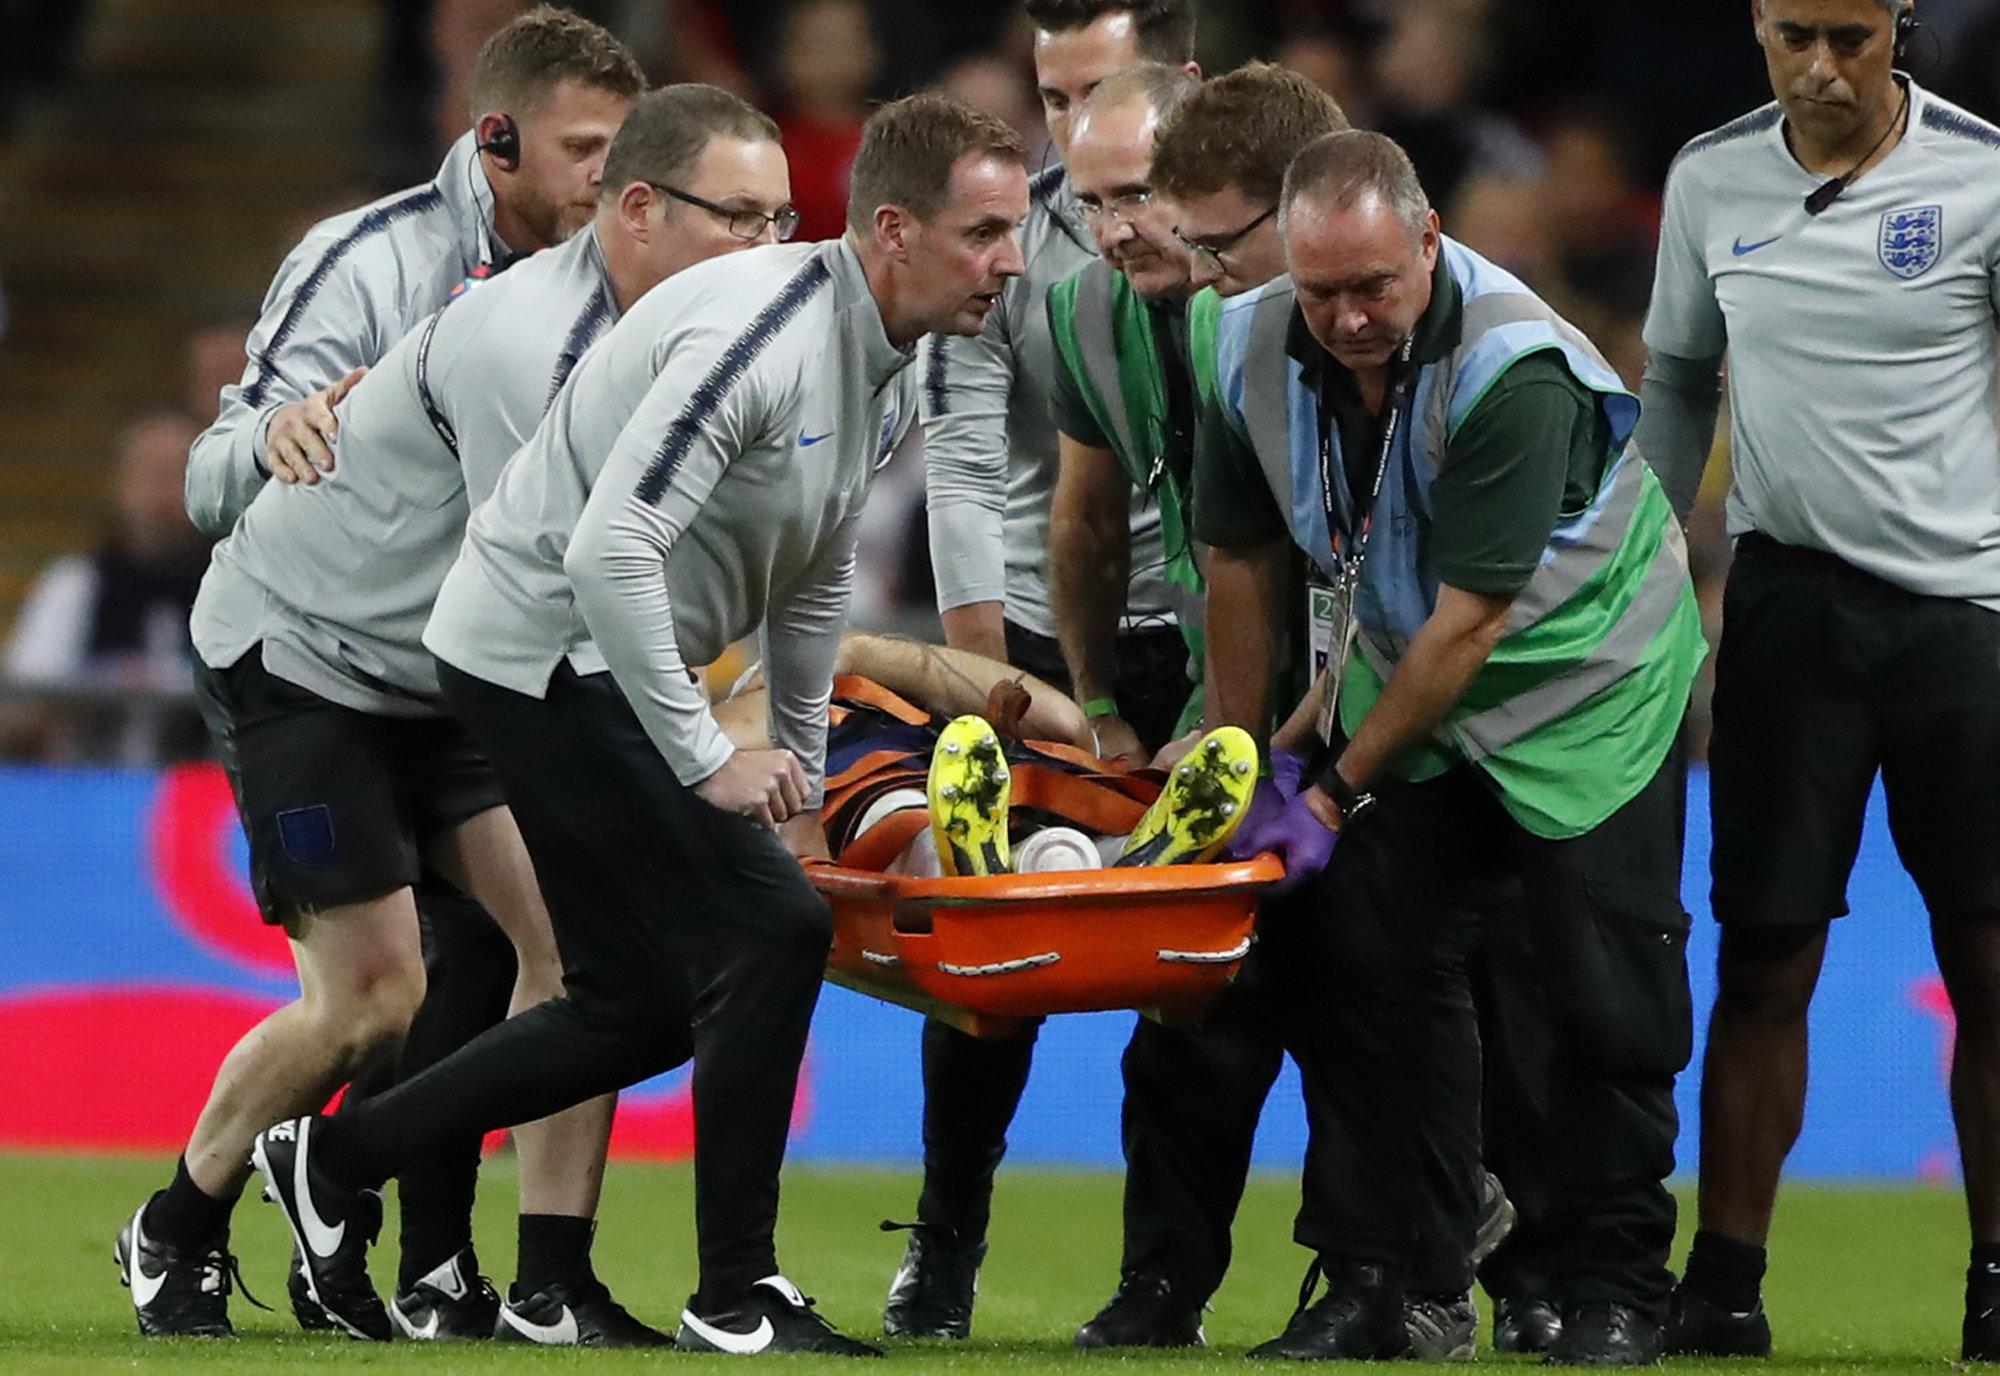 Der verletzte Luke Shaw musste mit Beatmungsmaske vom Platz getragen werden.